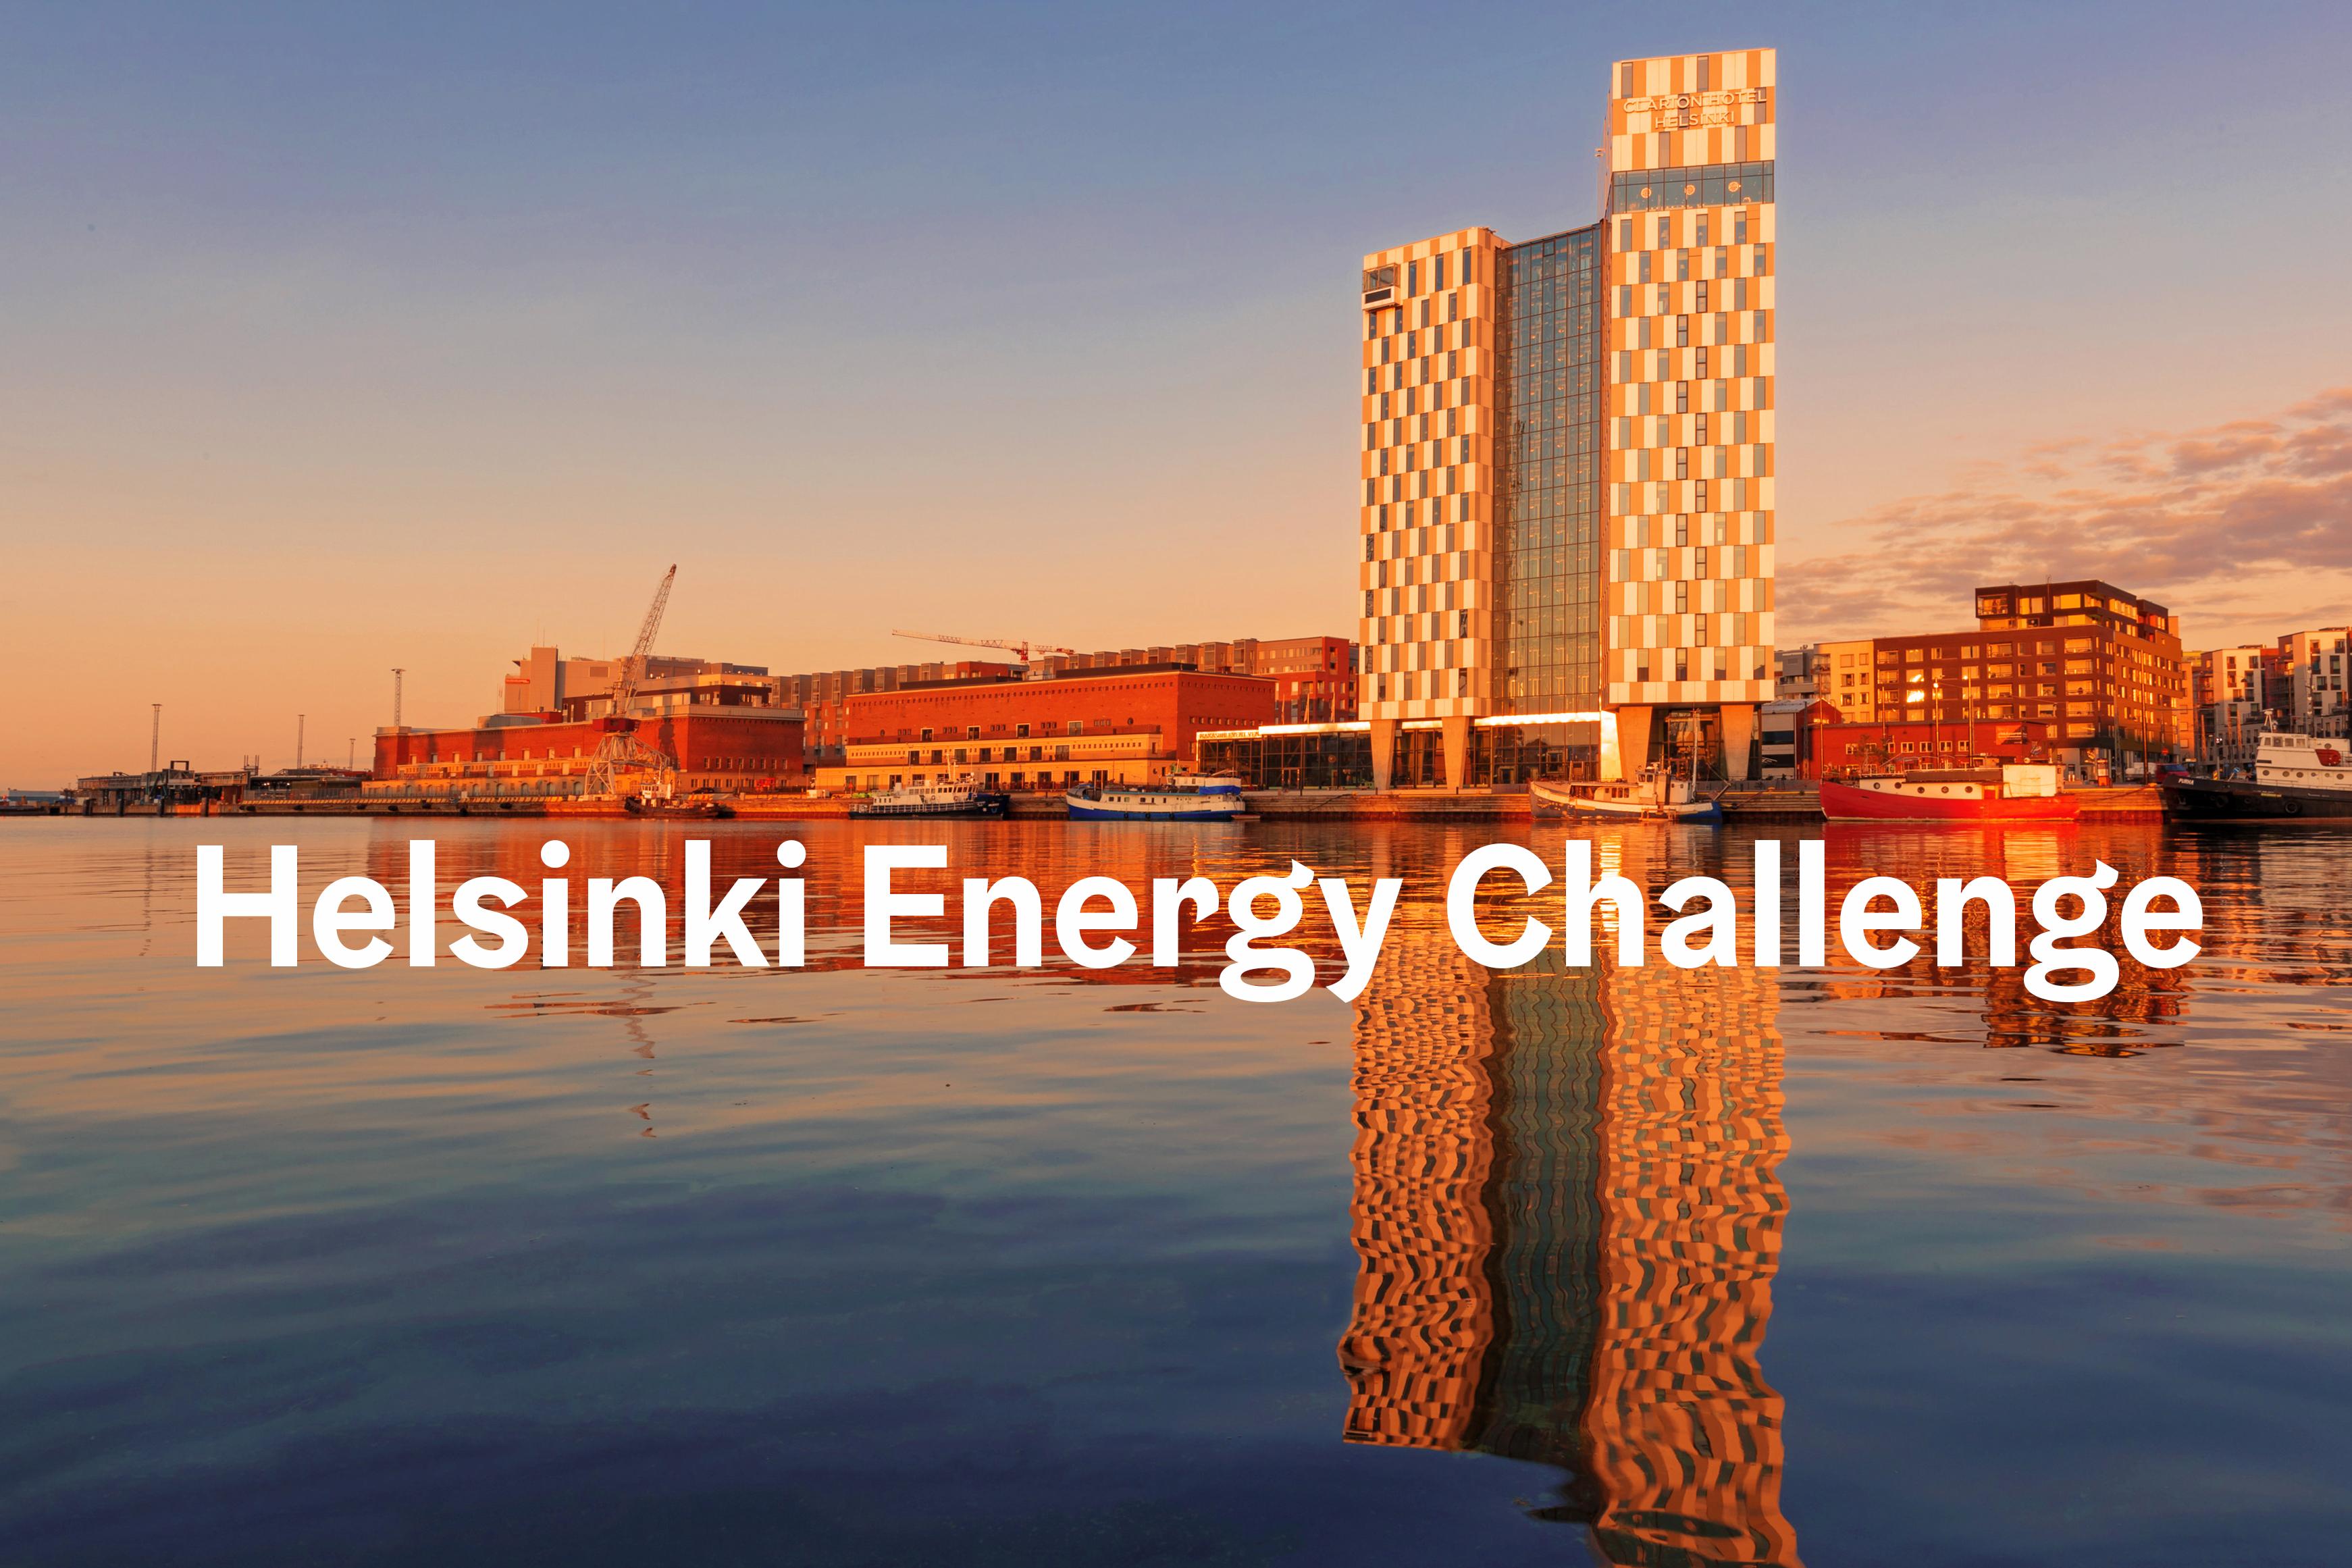 Helsinki Energy Challenge